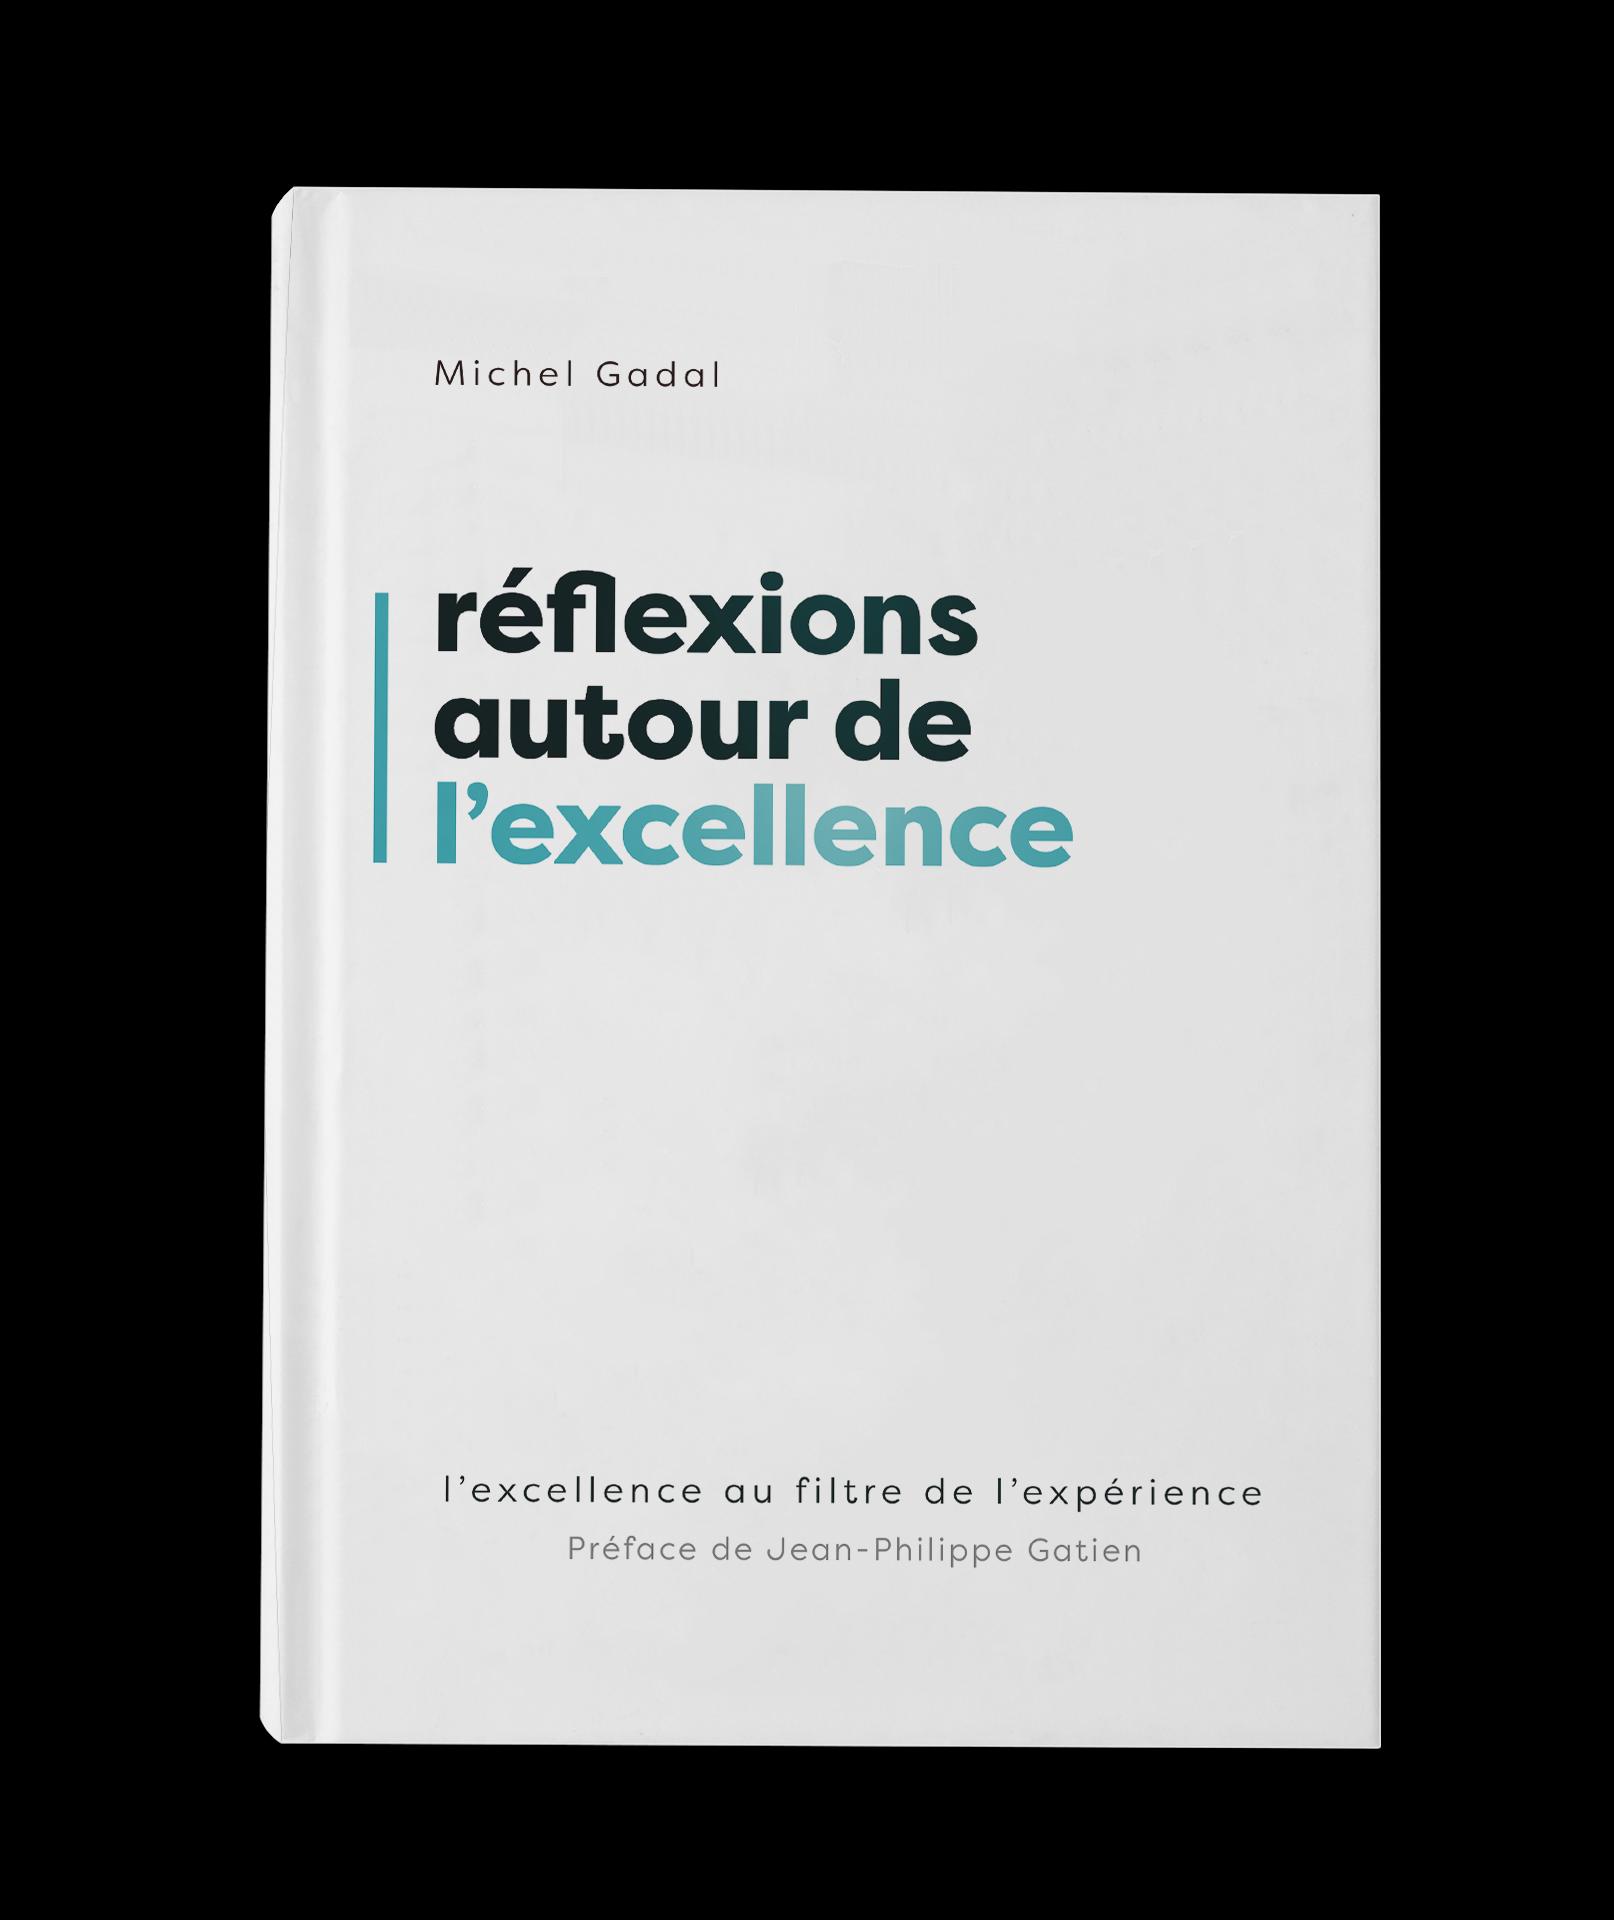 RÉFLEXIONS AUTOUR DE L'EXCELLENCE